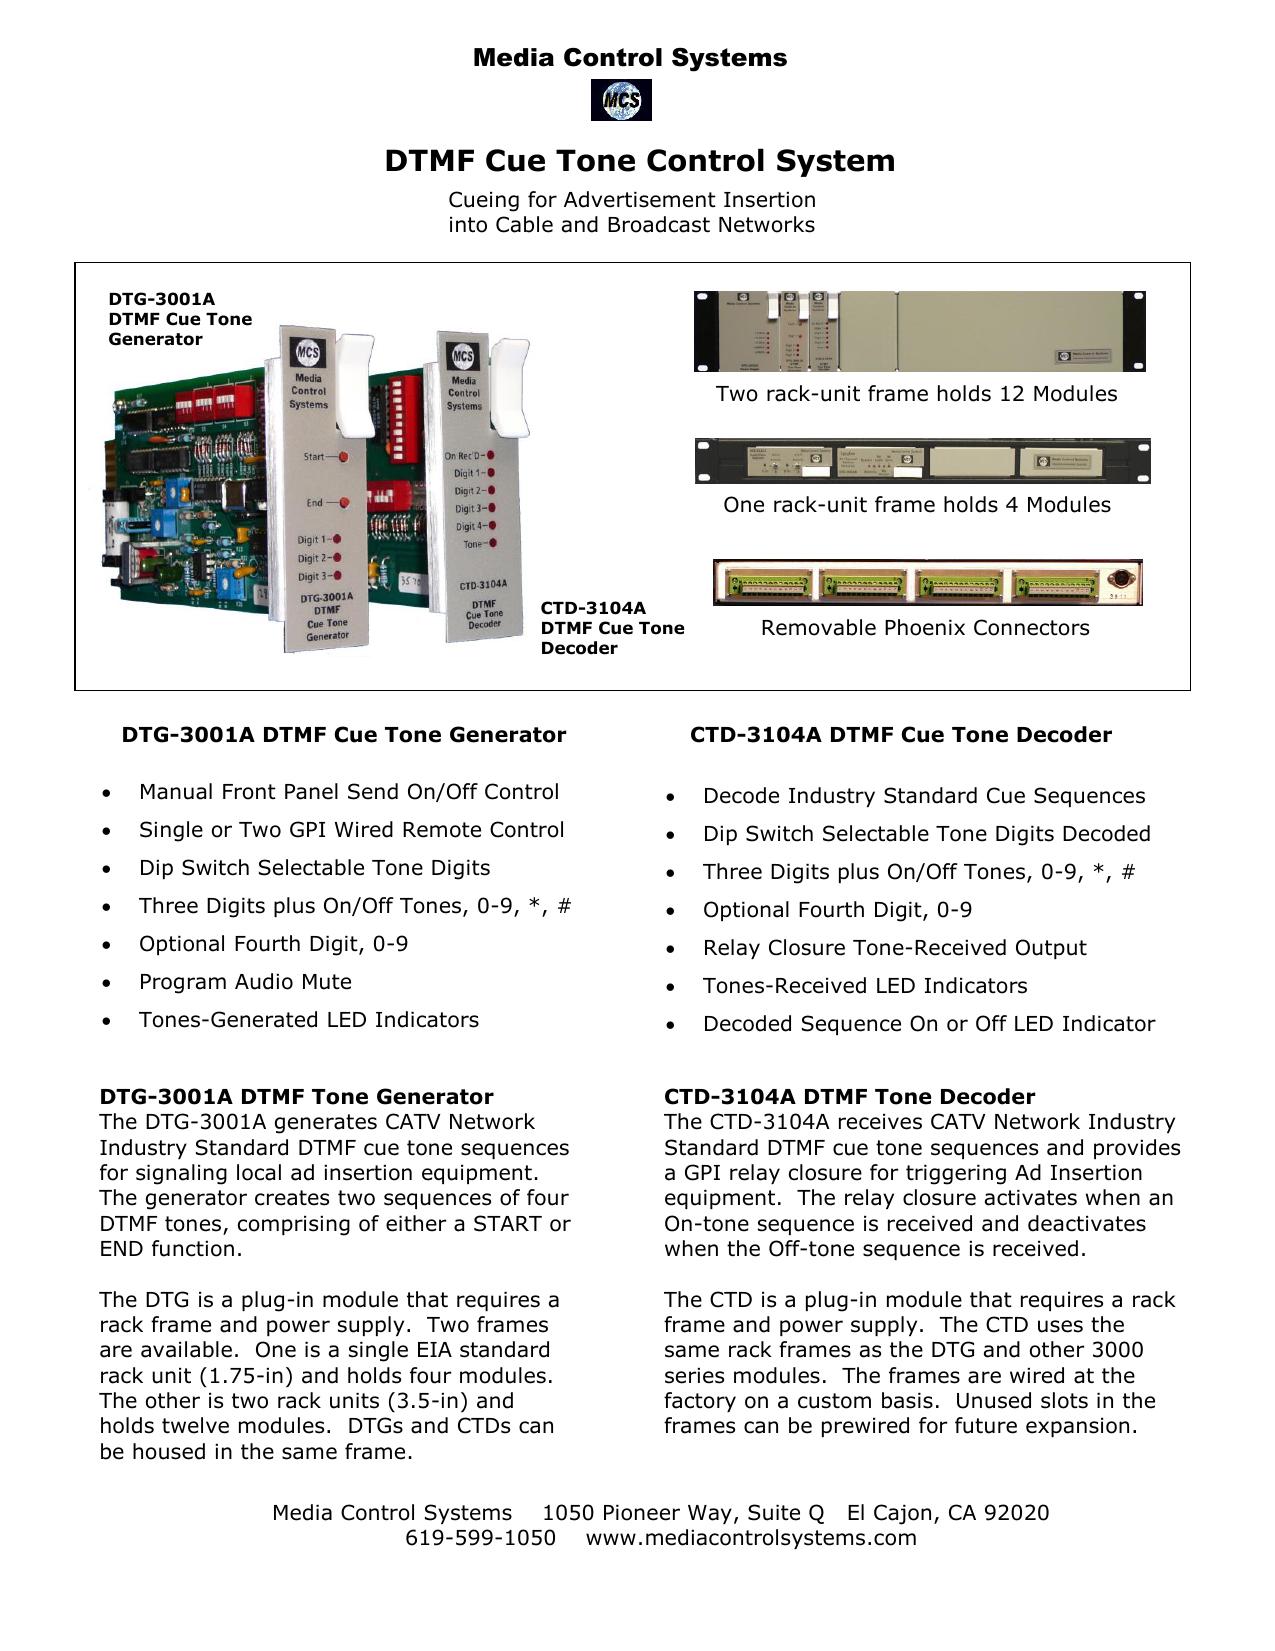 DTMF Cue Tone Control System | manualzz com